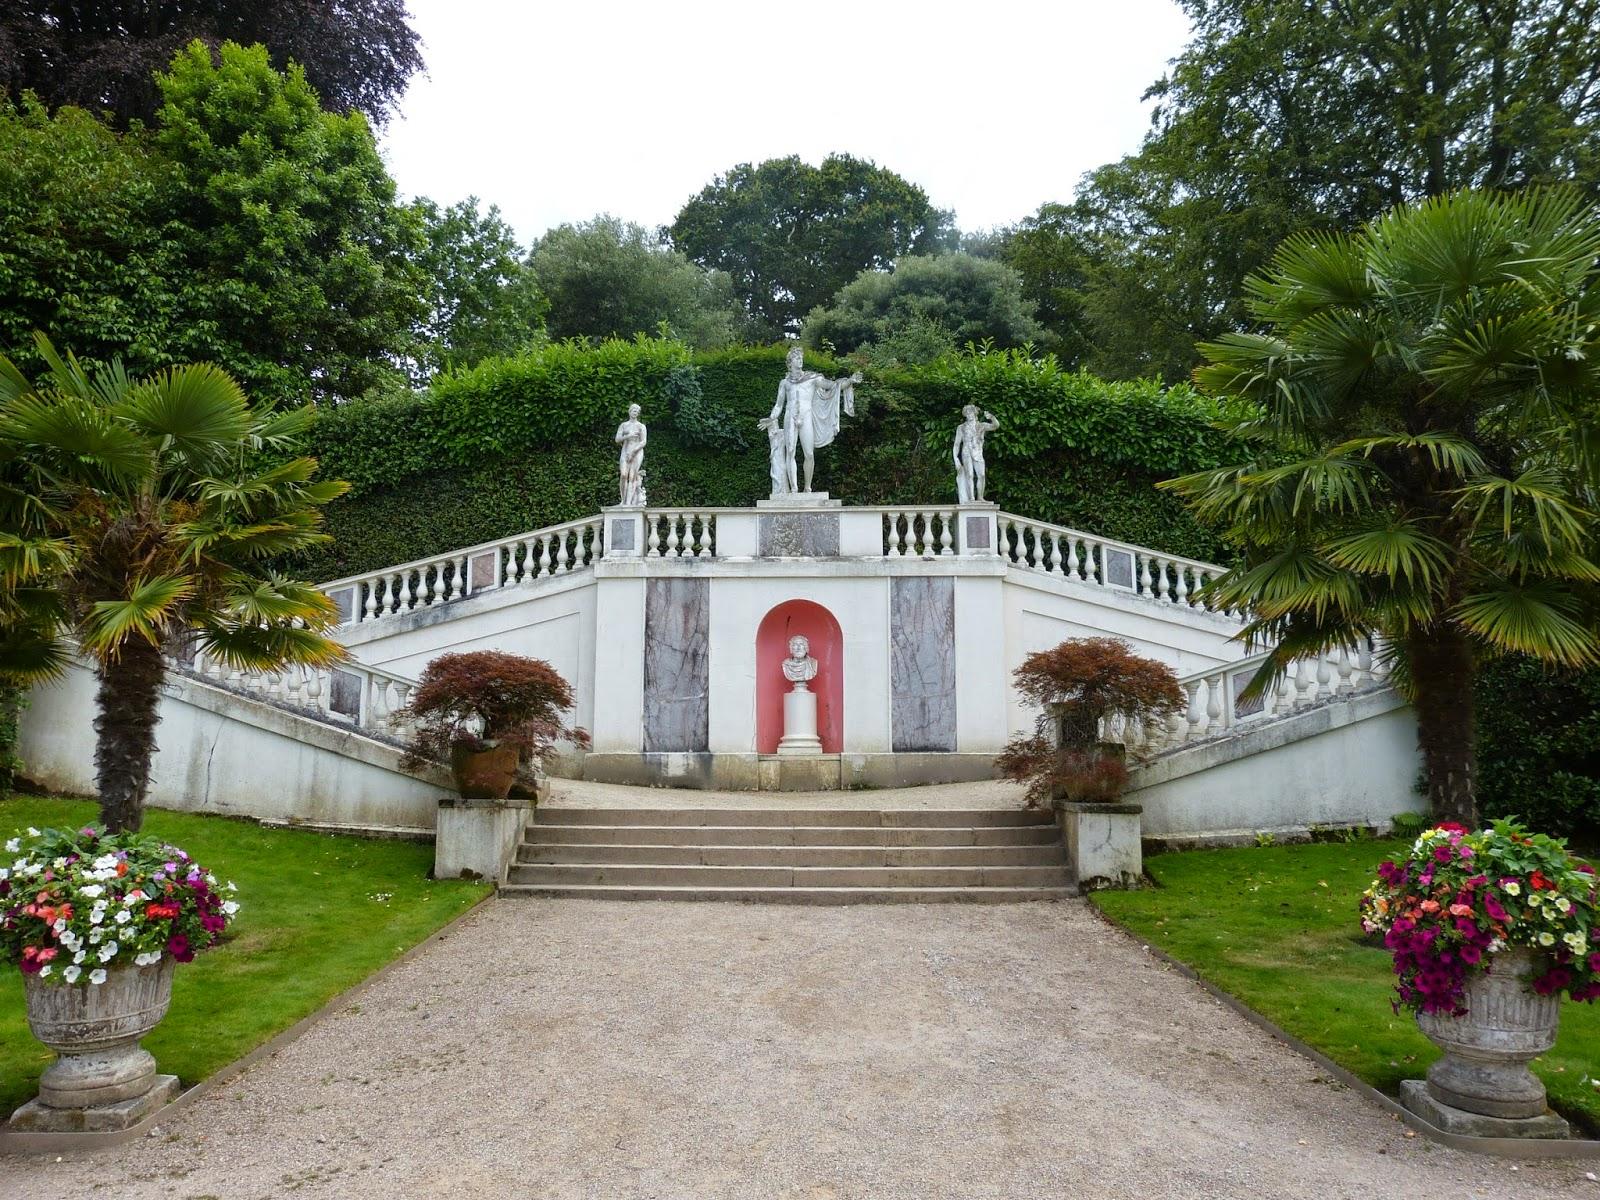 Italian garden, Mount Edgcumbe